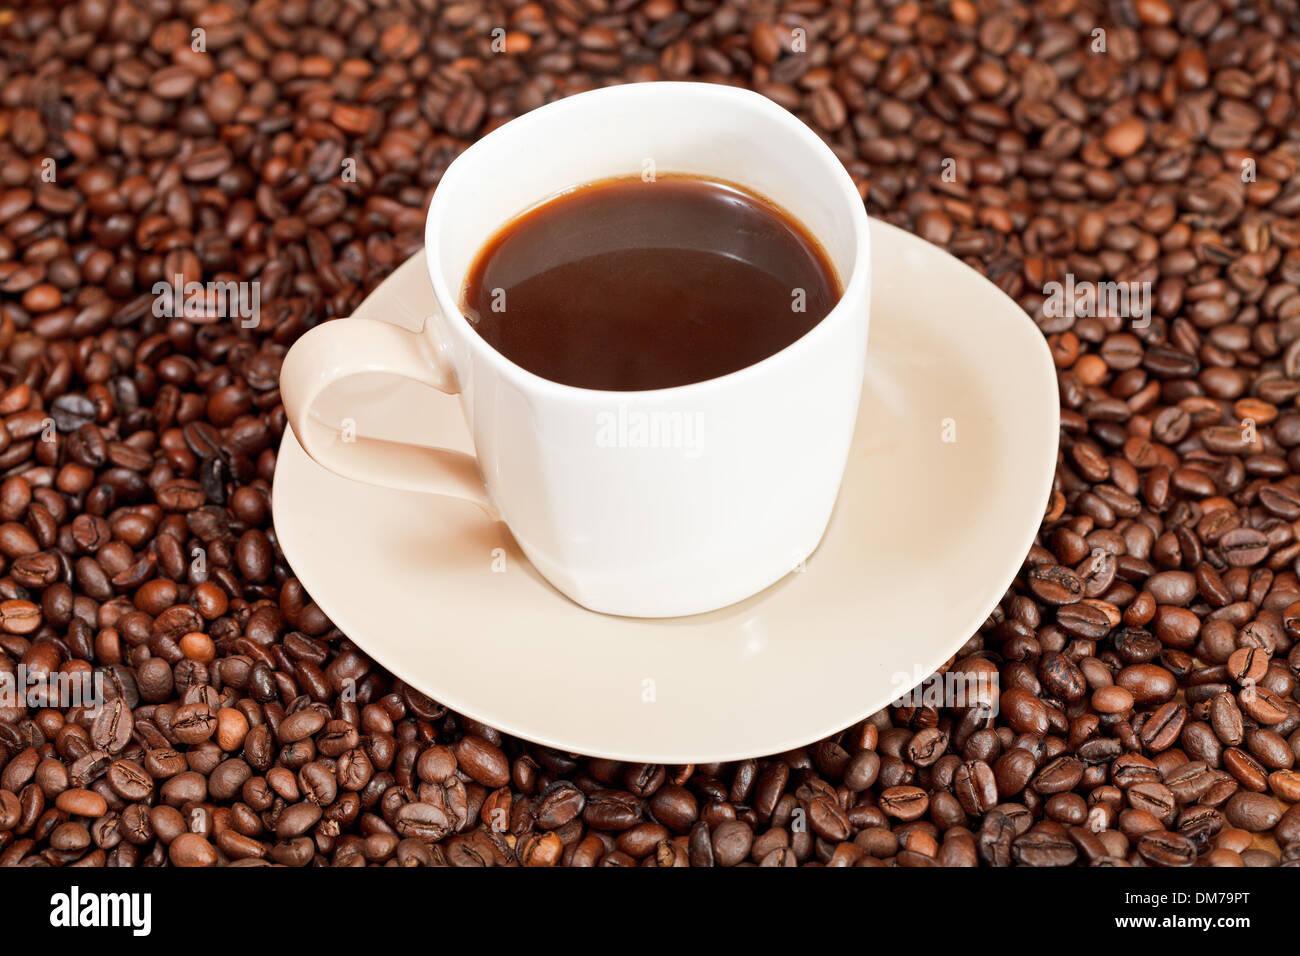 Taza de café sobre sauser y café tostado en grano Imagen De Stock